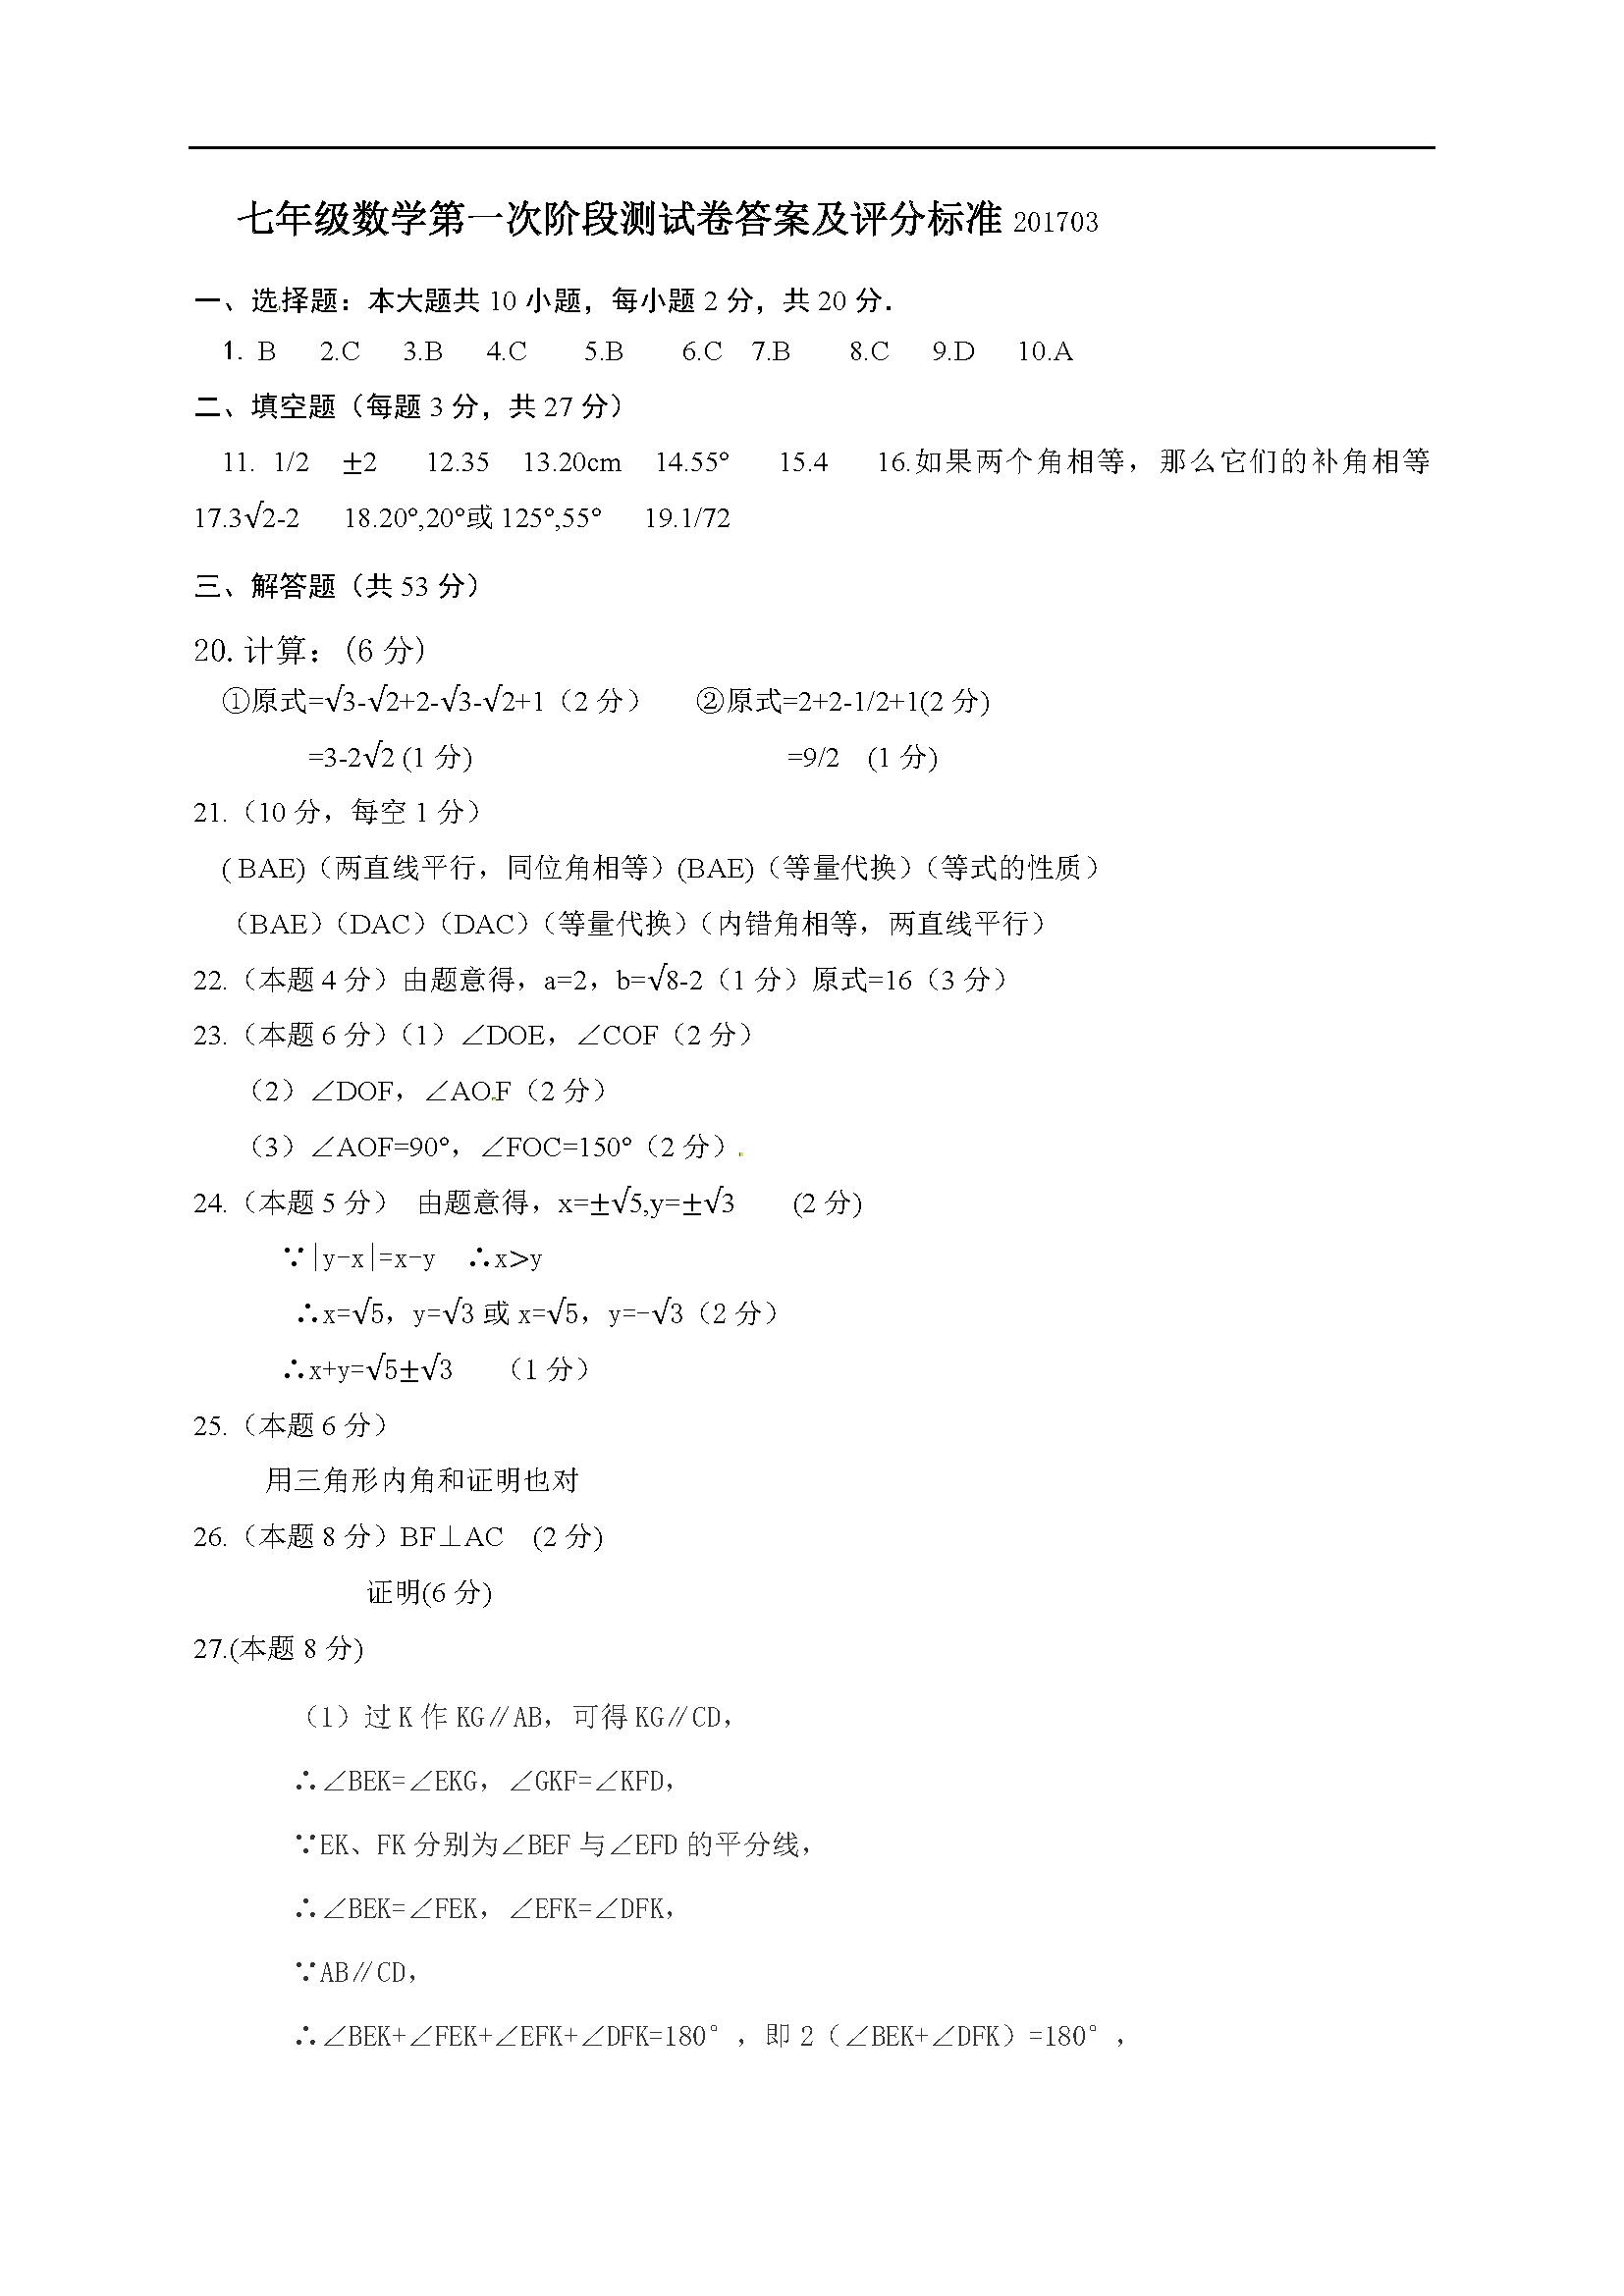 2017江苏南通海安吉庆初级中学七年级3月月考数学试题答案(Word版)